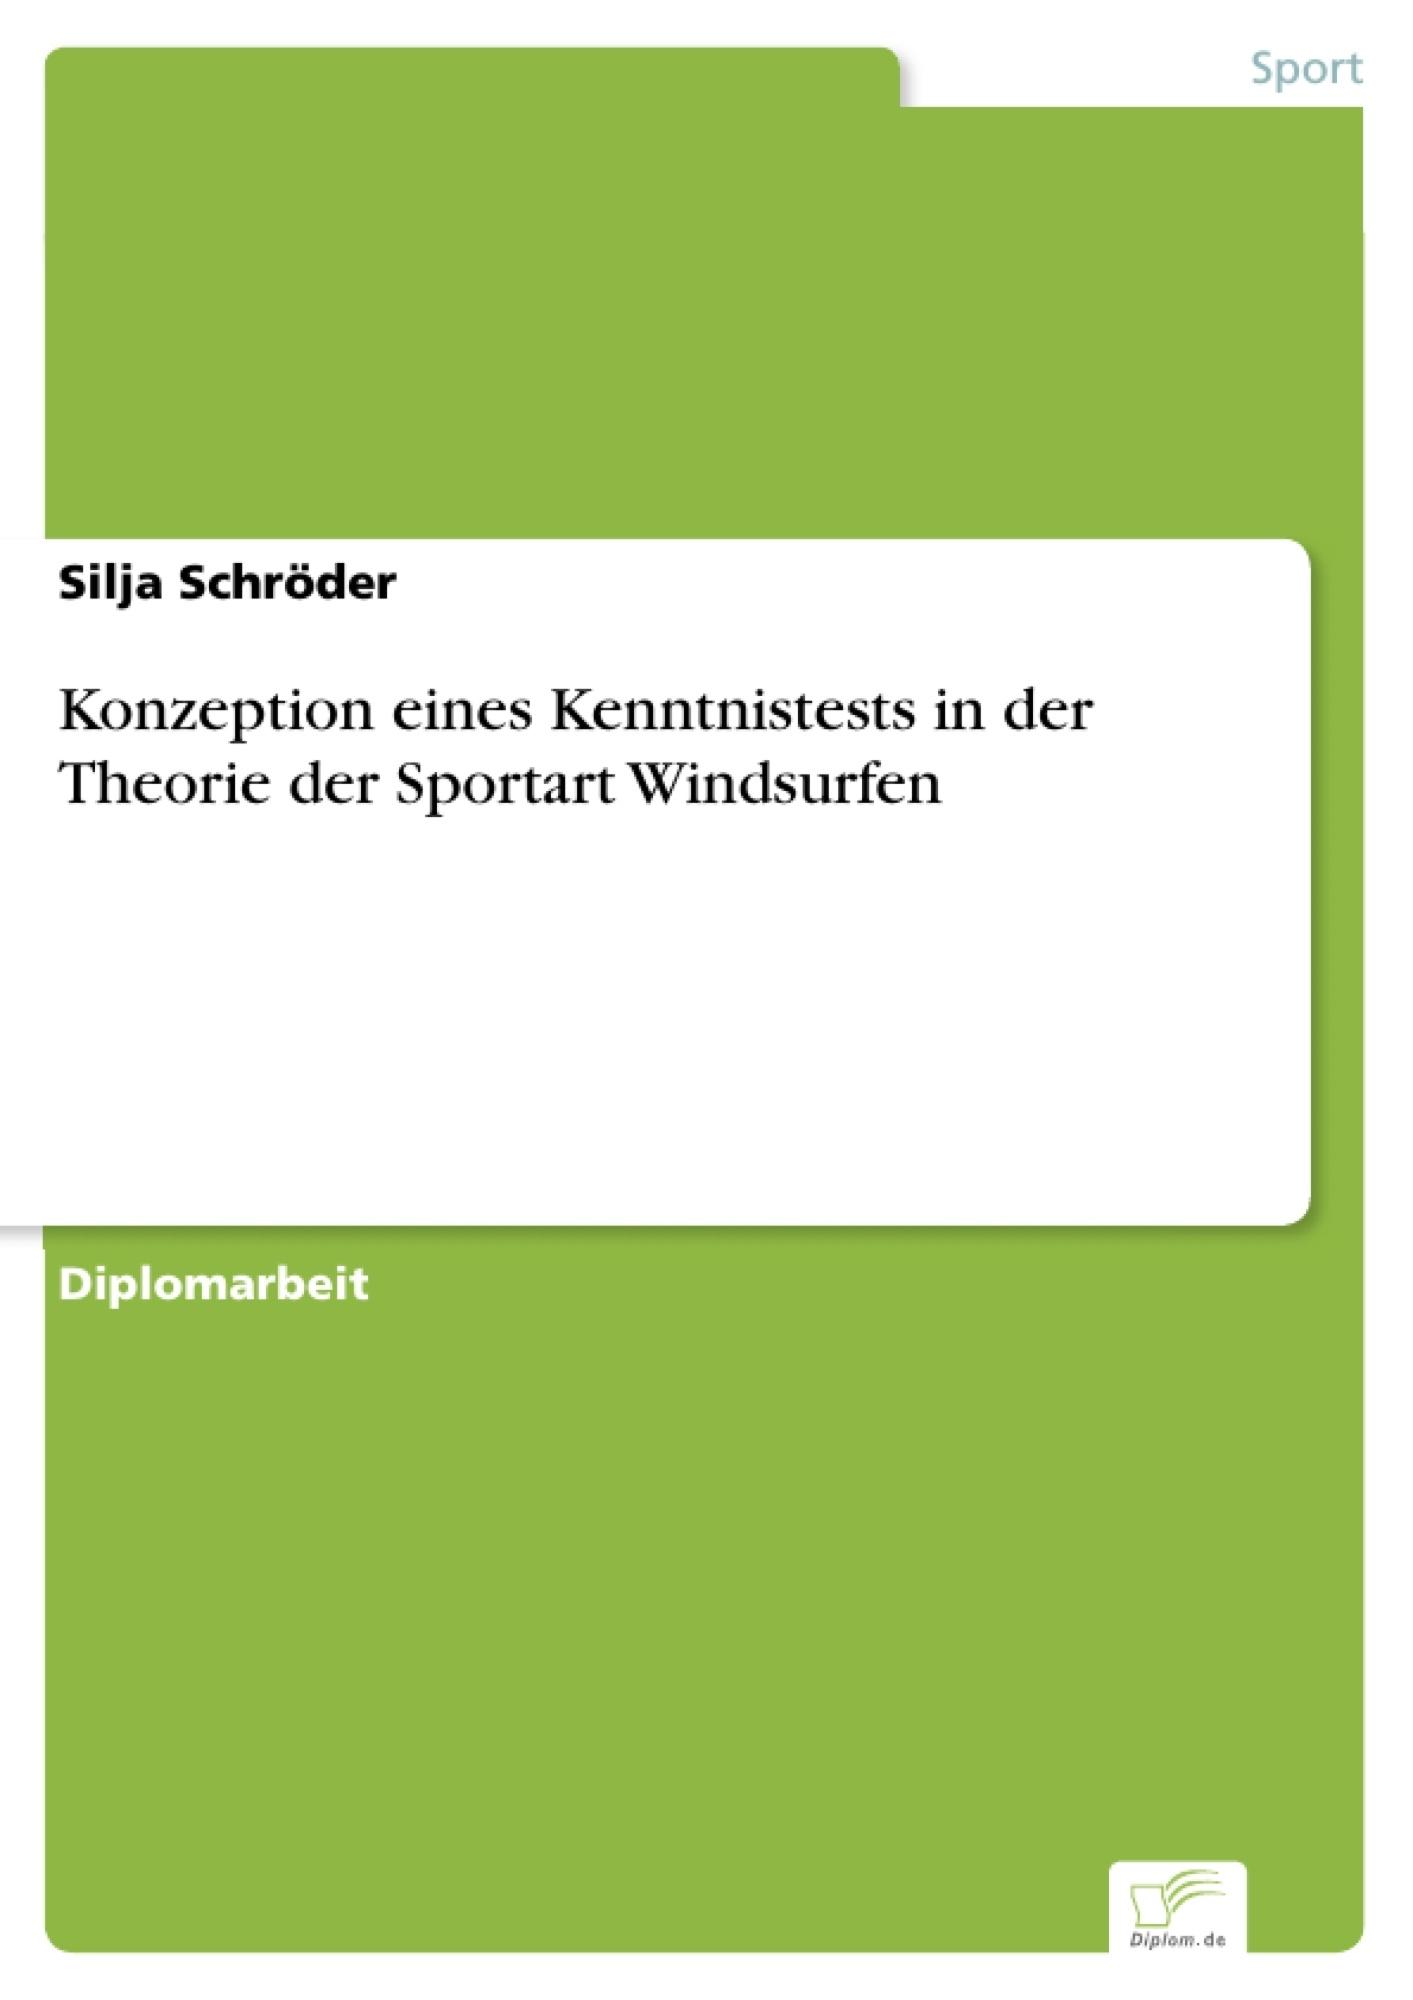 Konzeption eines Kenntnistests in der Theorie der Sportart Windsurfen